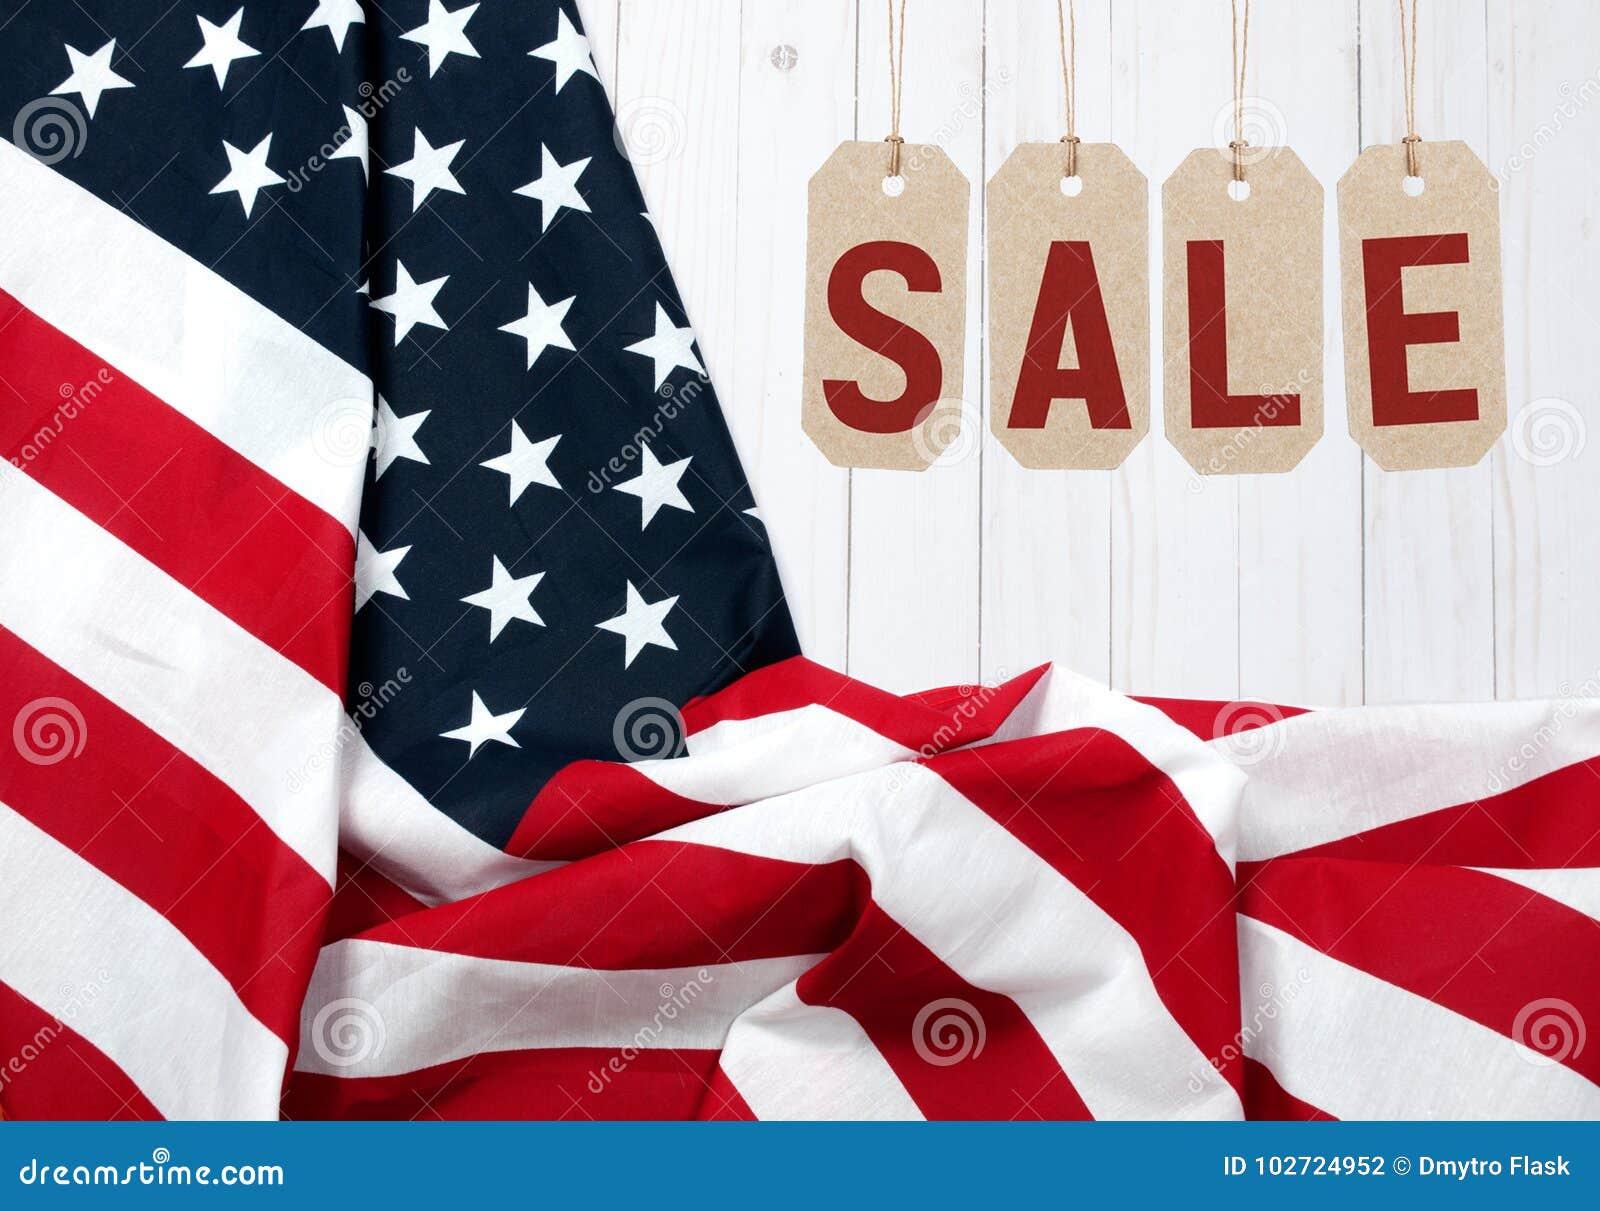 团结的标记状态 美国节假日 销售额